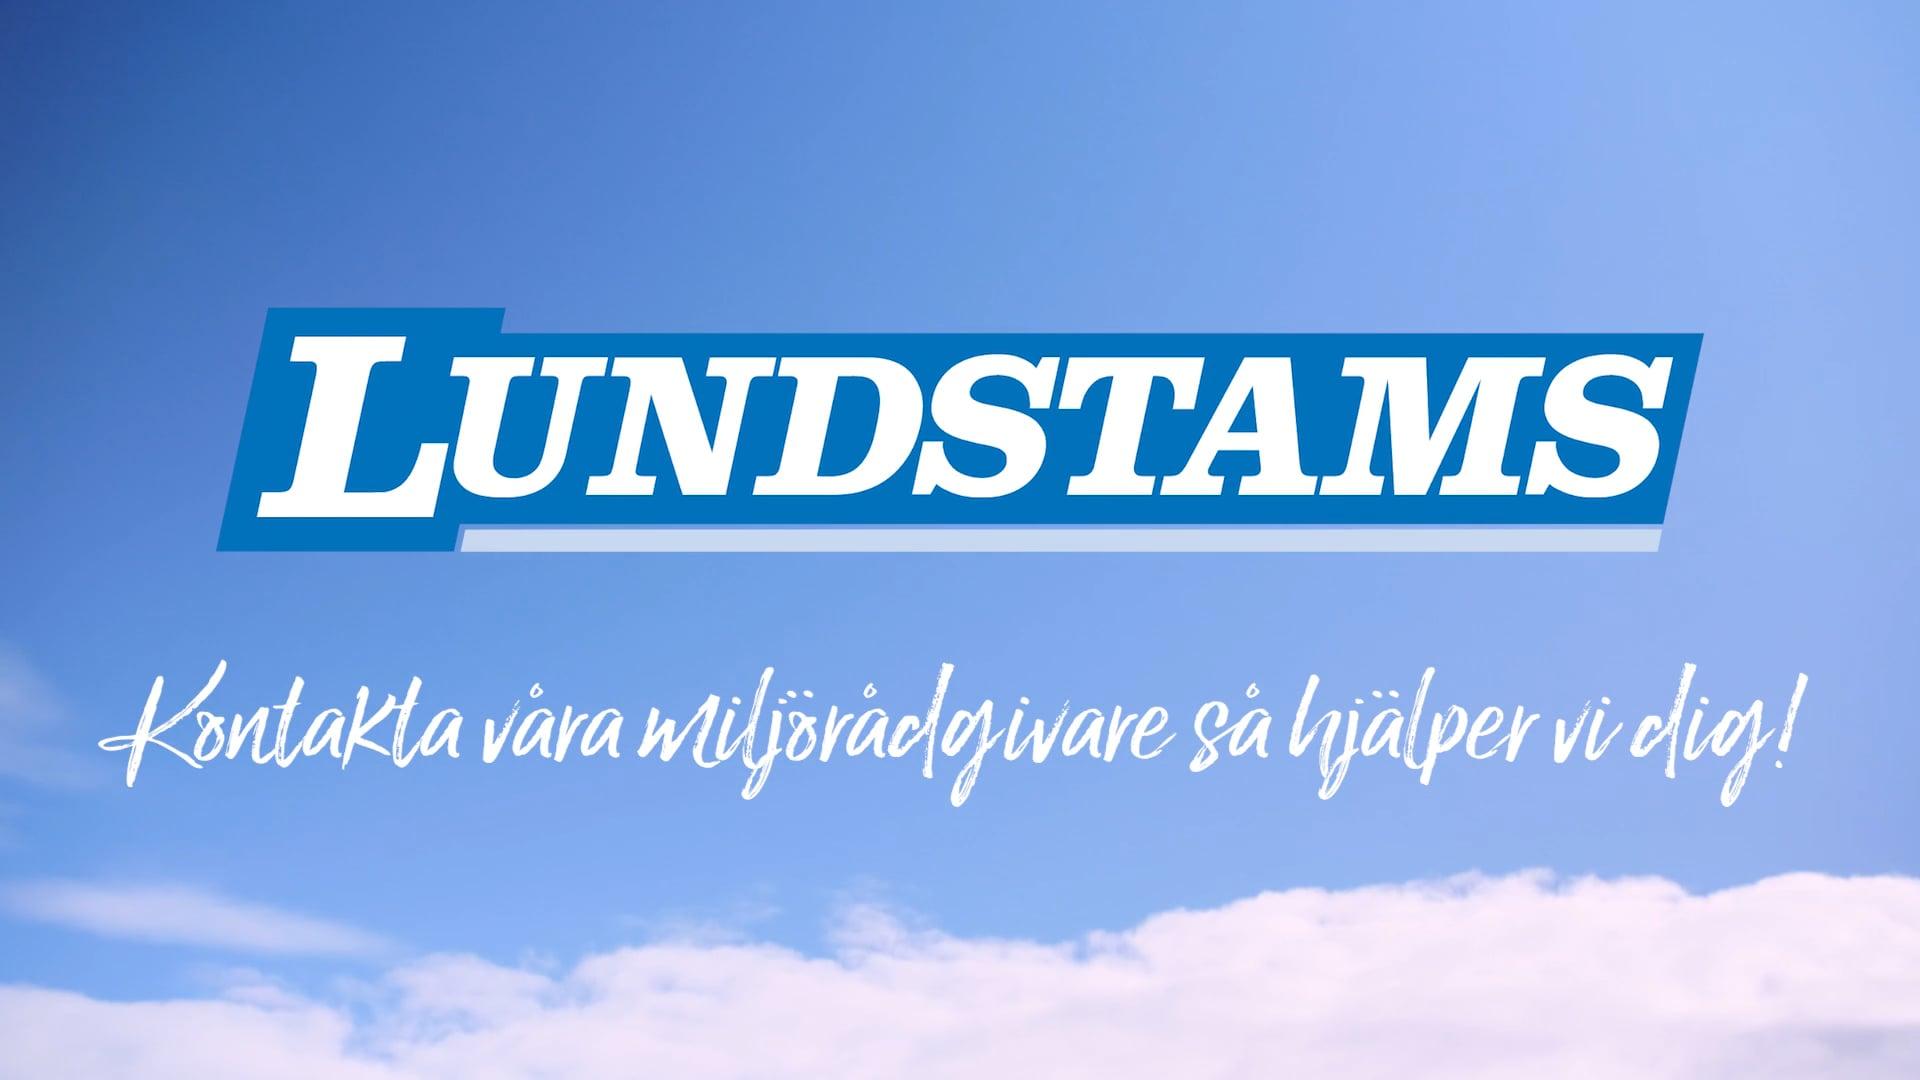 Lundstams - Återvinning för miljö och framtid!